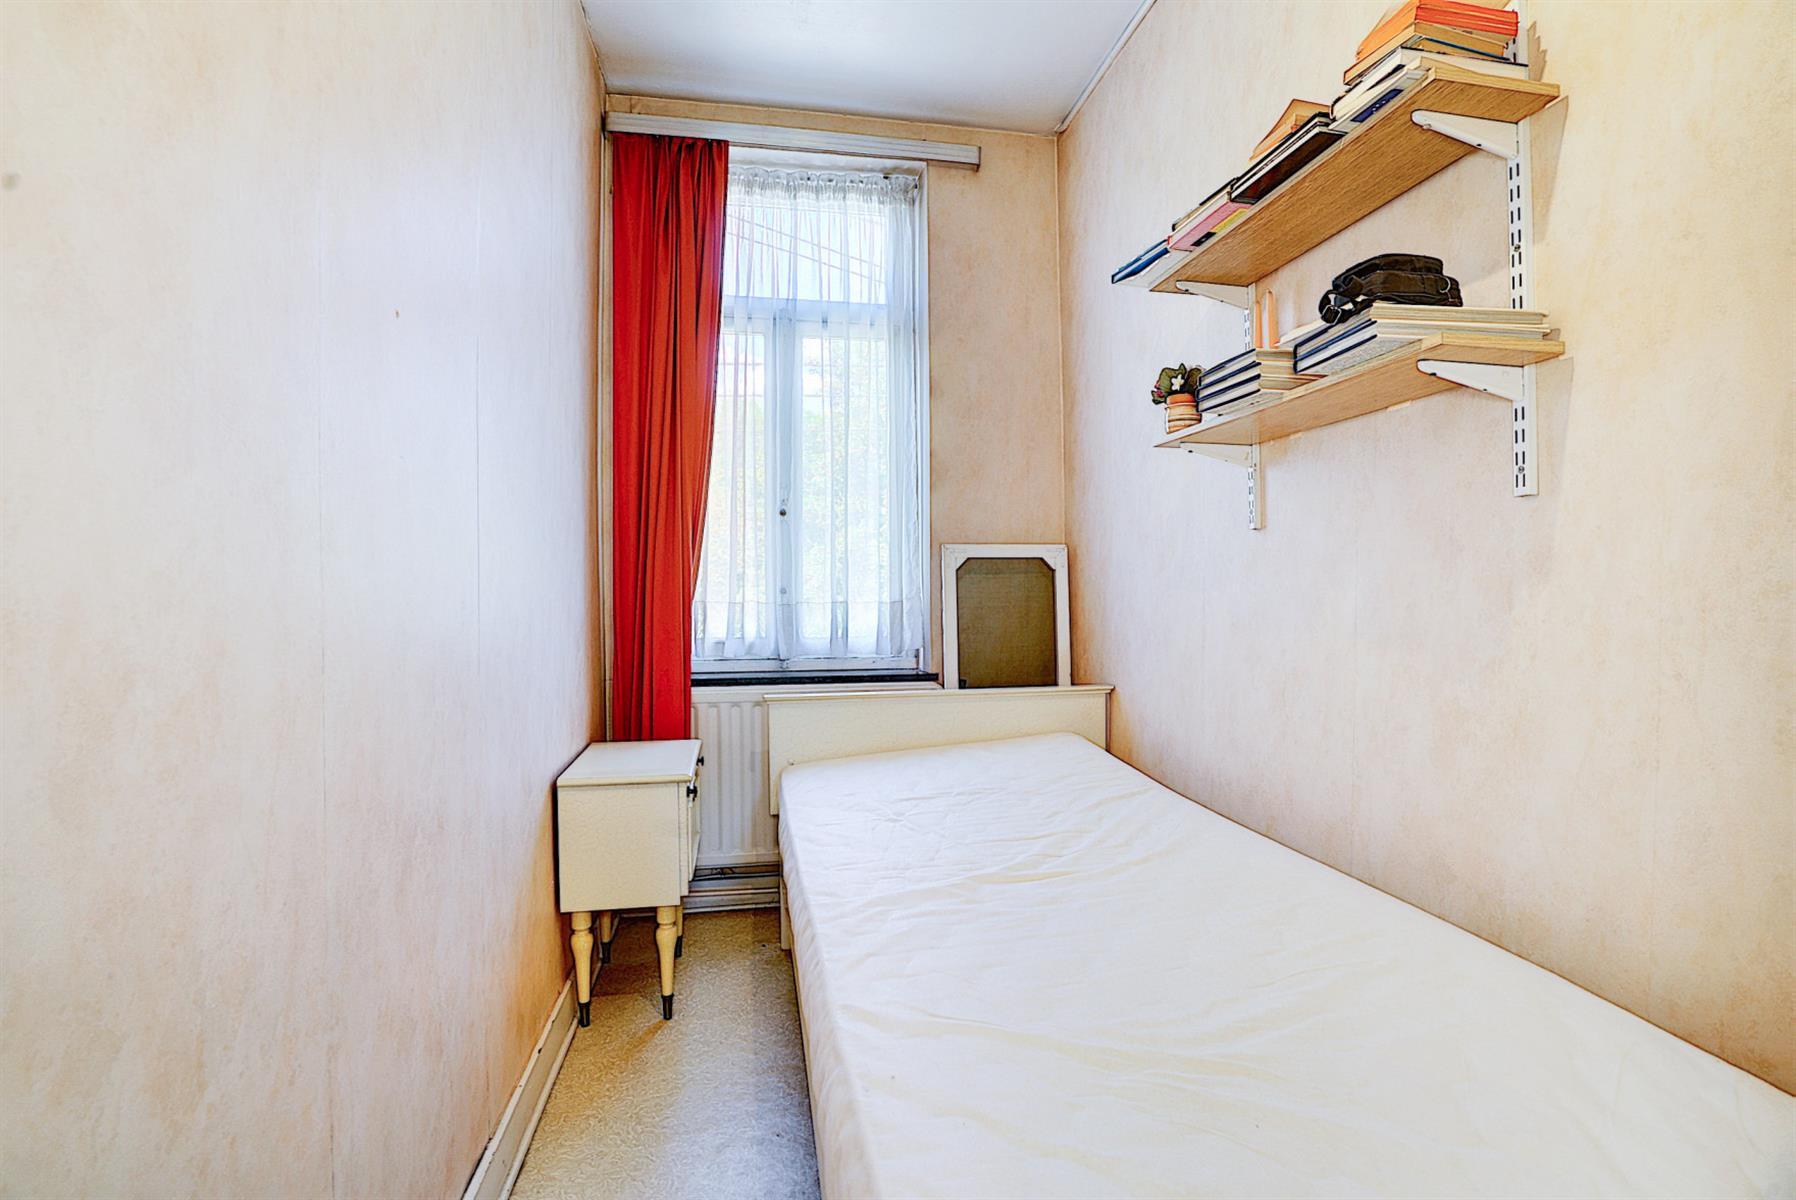 Maison - Court-saint-Étienne - #4499148-12